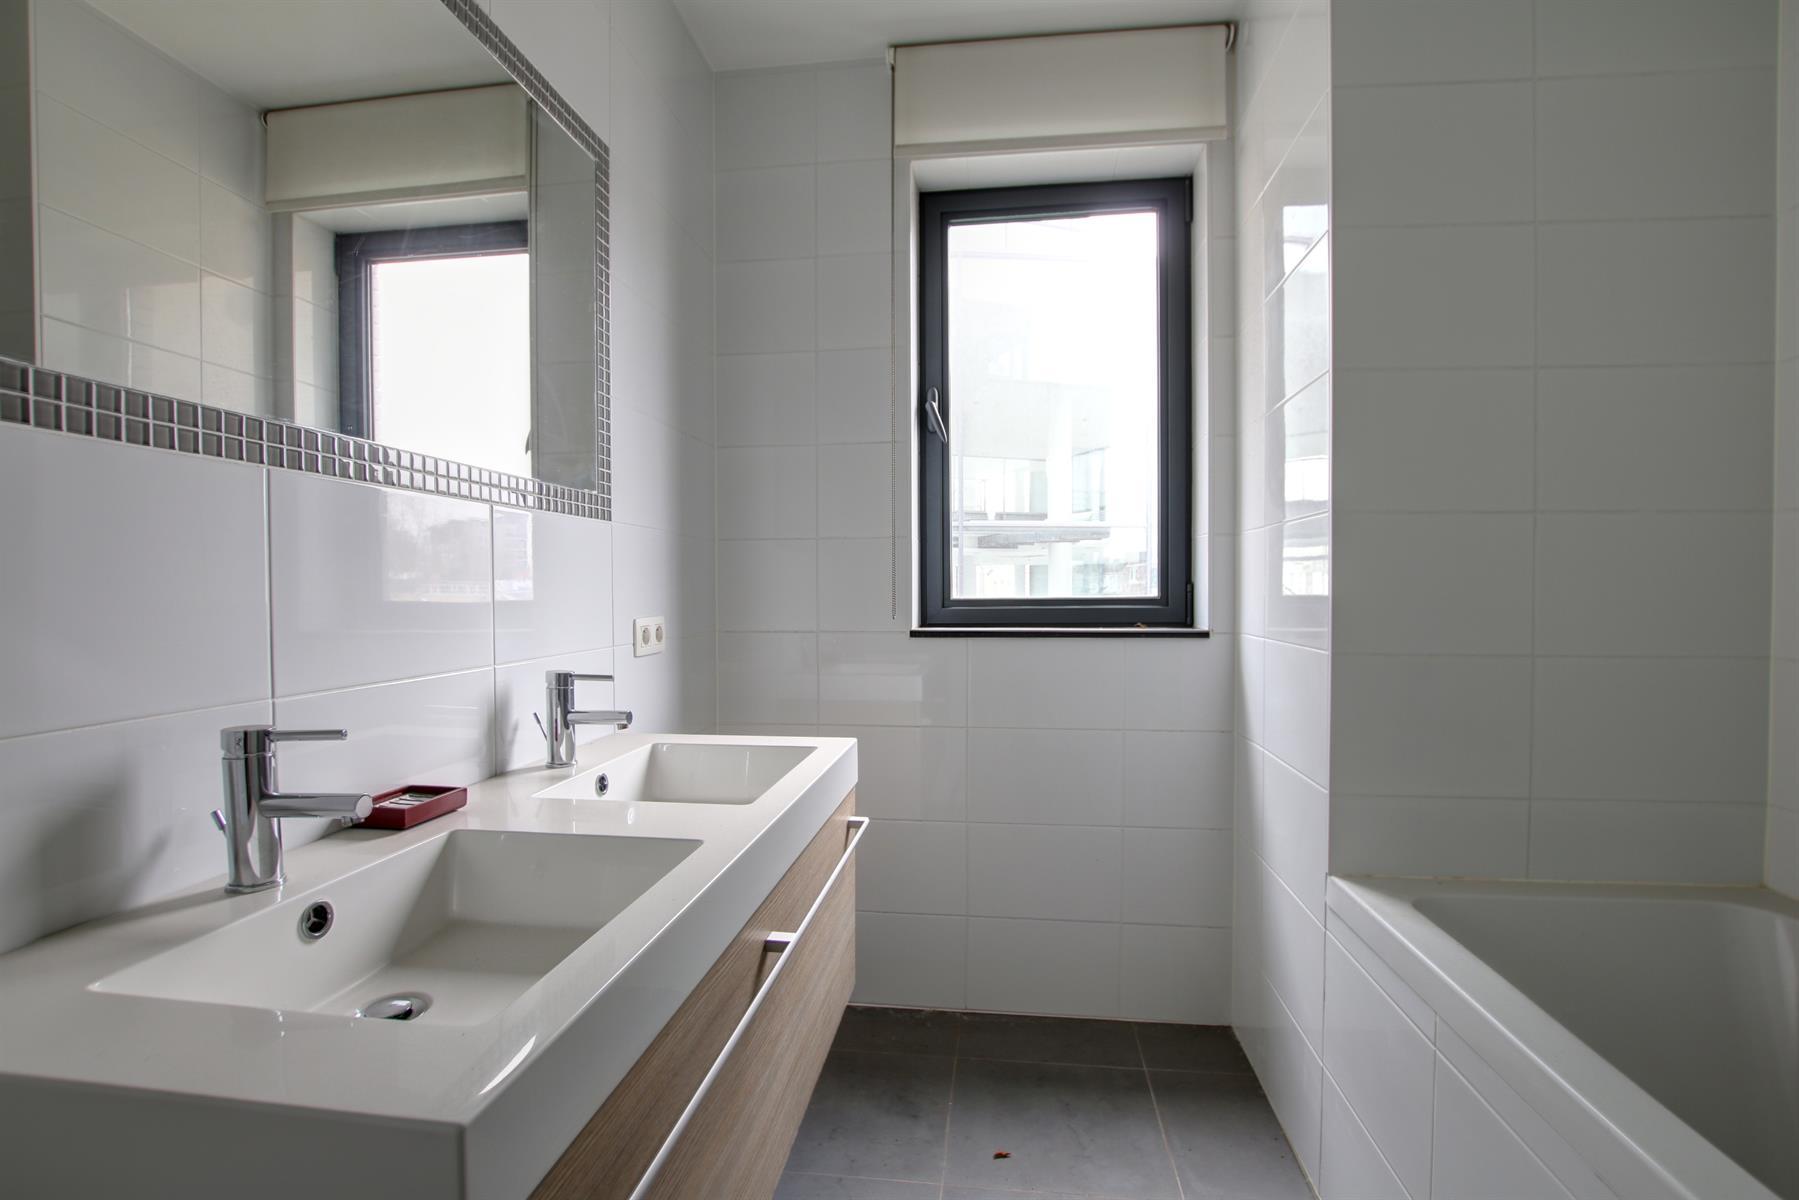 Flat - Ixelles - #4251196-5